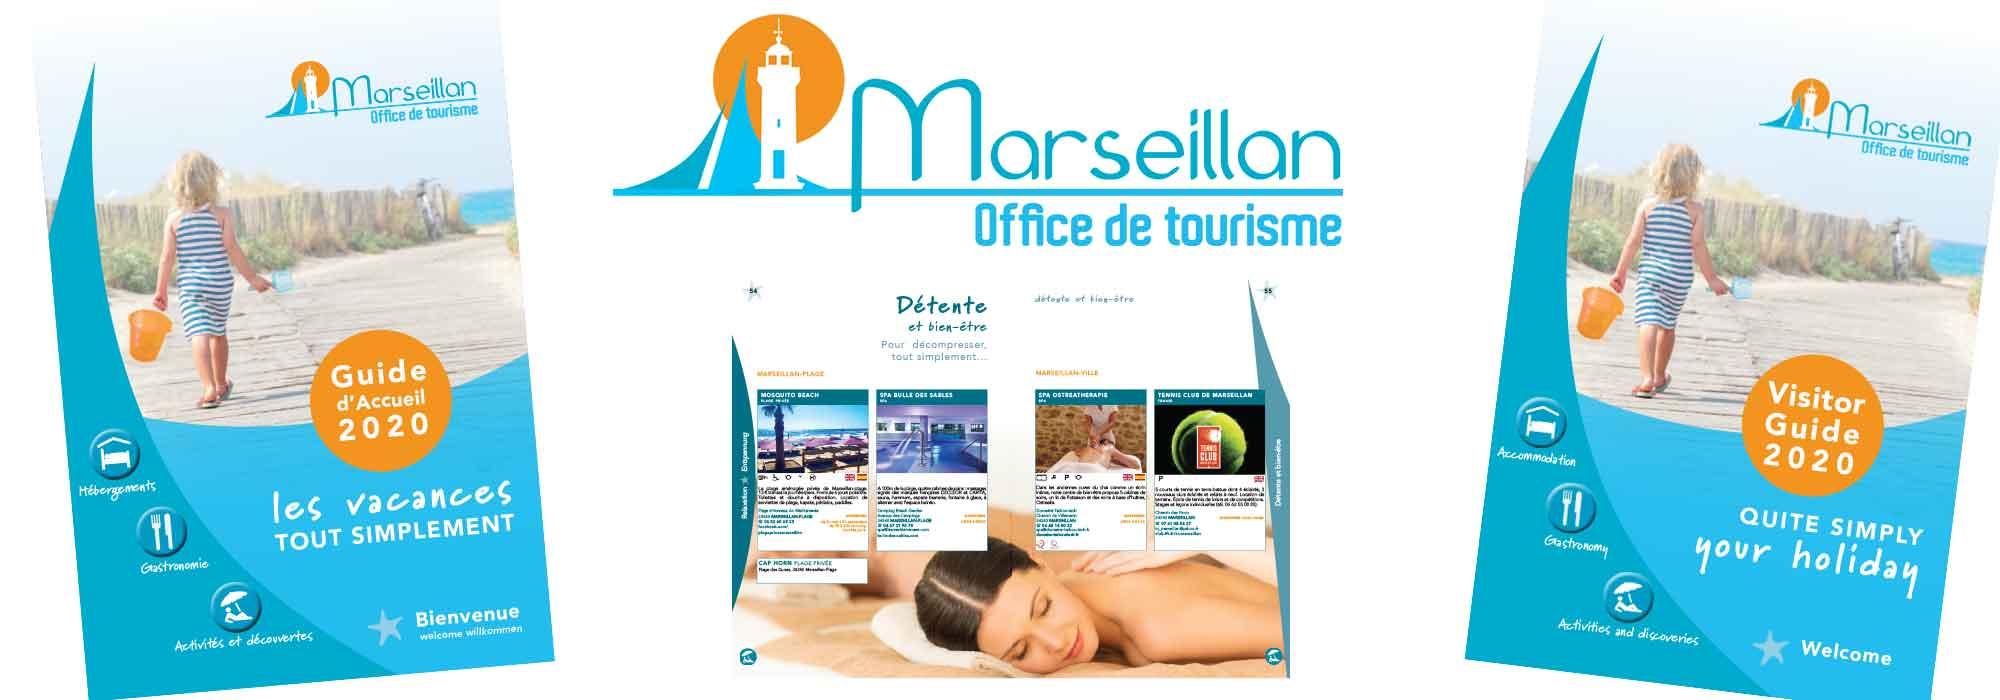 Guide Accueil pour l'office de Tourisme de Marseillan